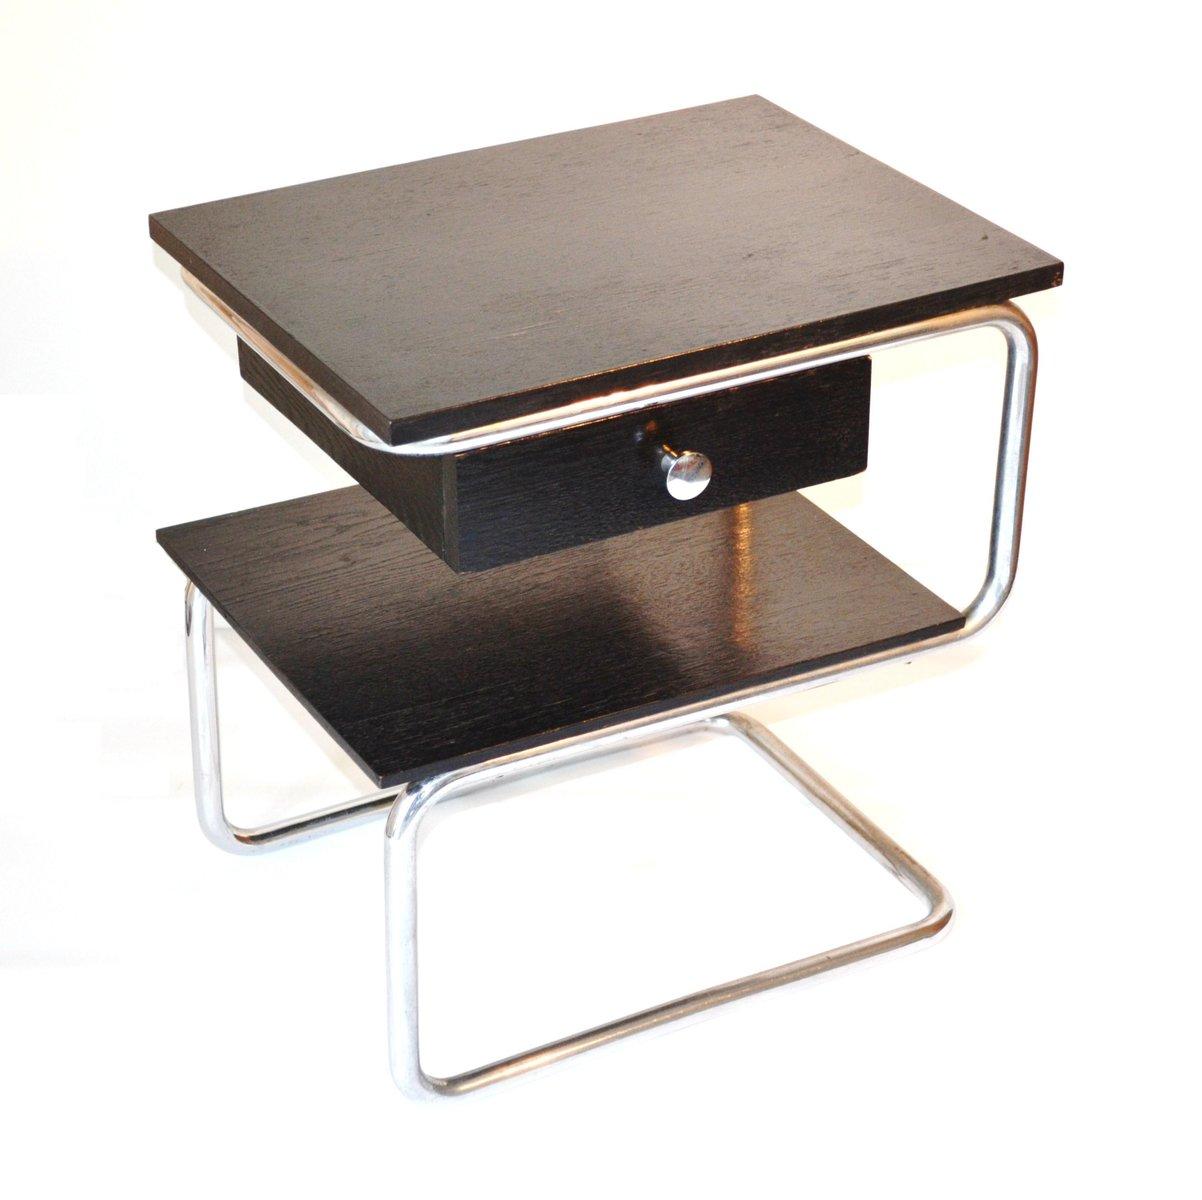 table de nuit style bauhaus par paul schuitema pour d3 rotterdam 1935 en vente sur pamono. Black Bedroom Furniture Sets. Home Design Ideas